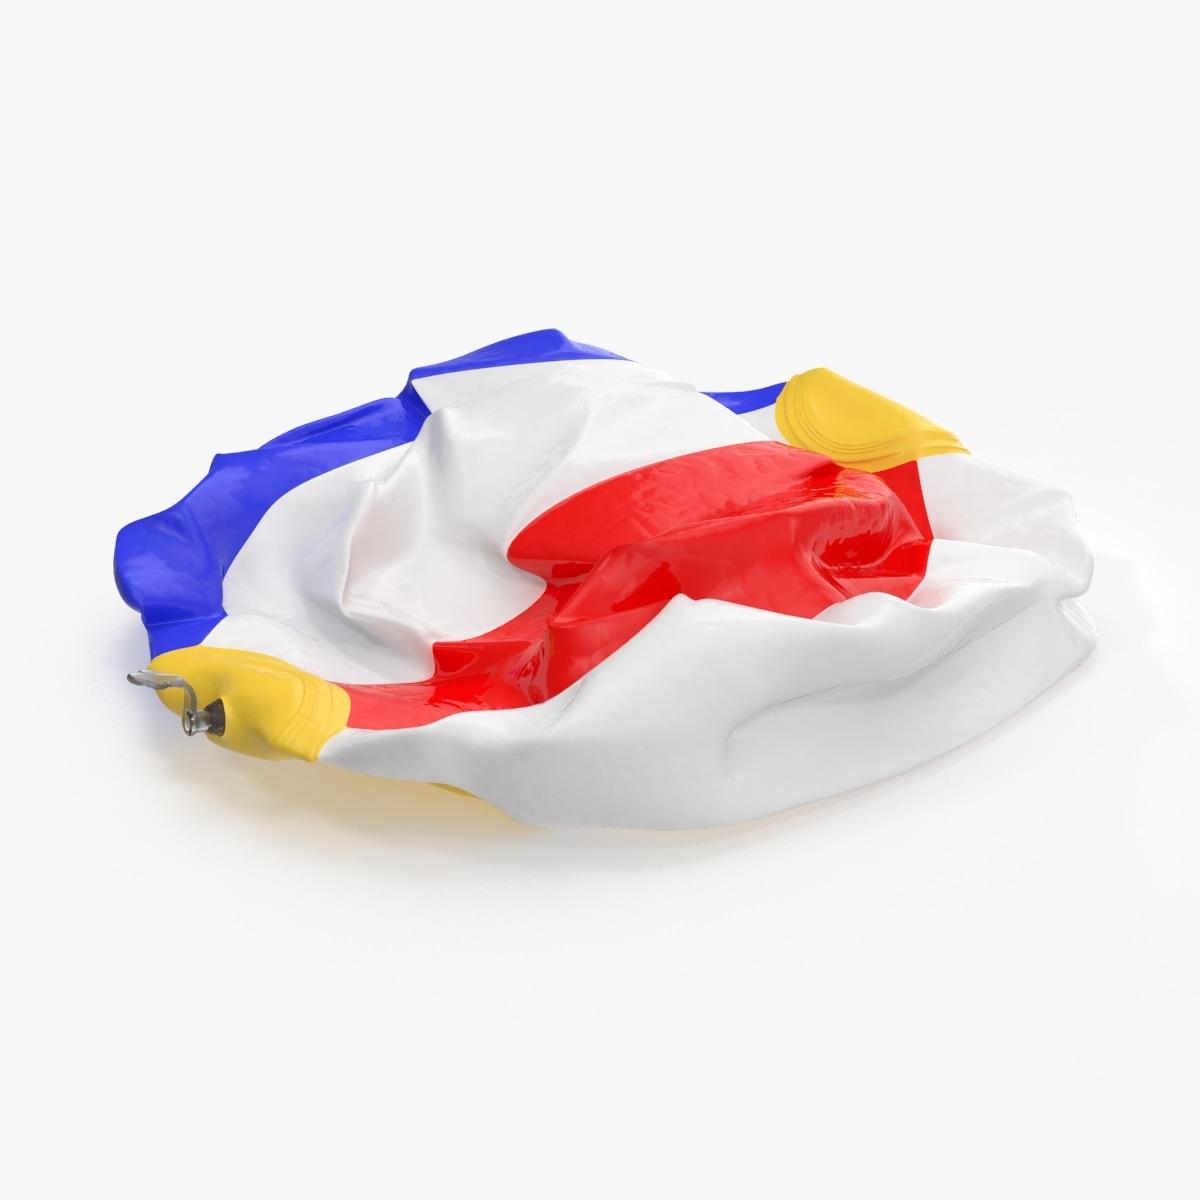 deflated beach ball 3d model